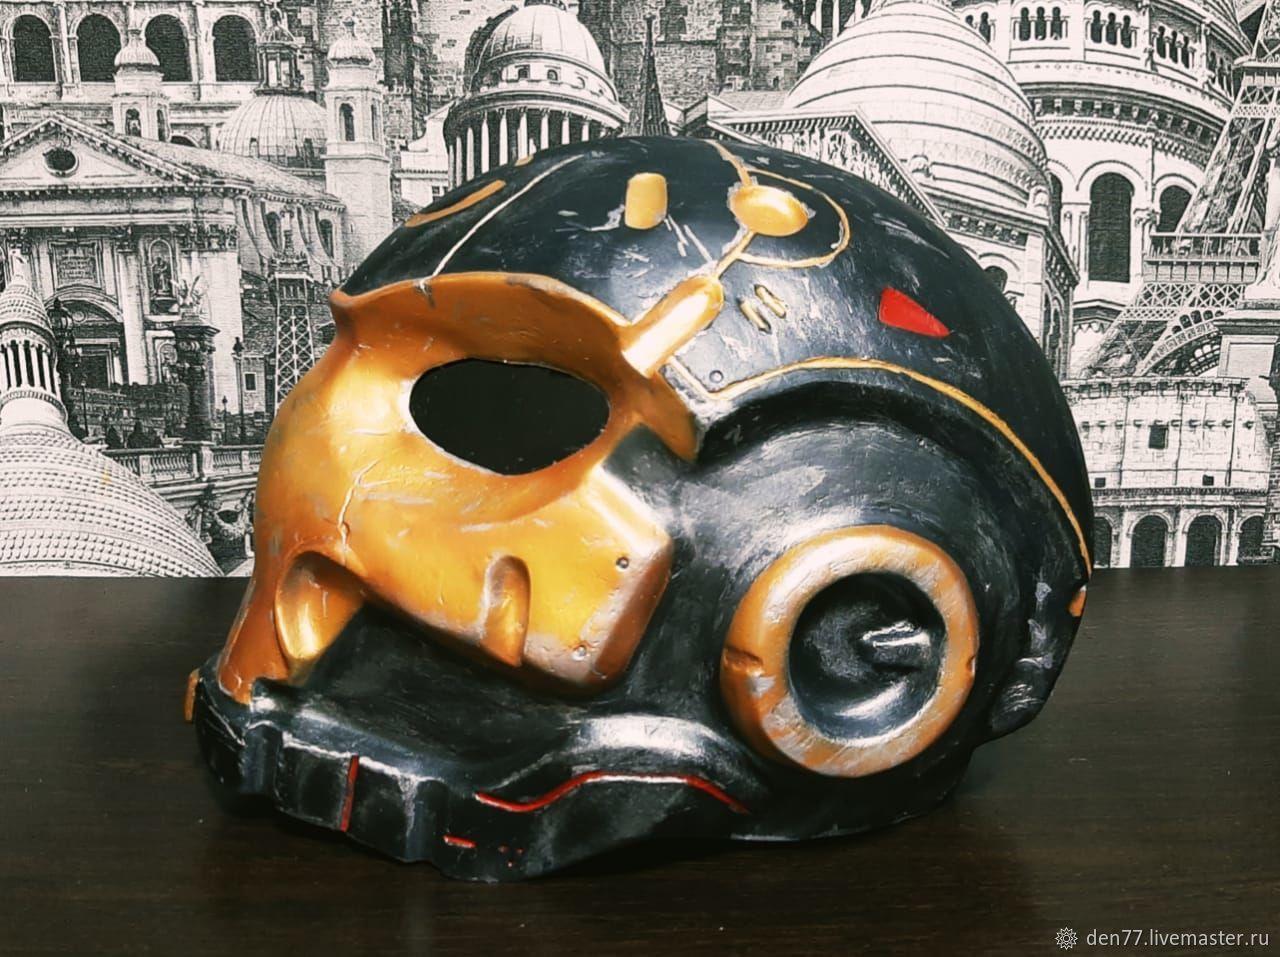 Копия работы  Боевой шлем, Доспехи, Альметьевск, Фото №1